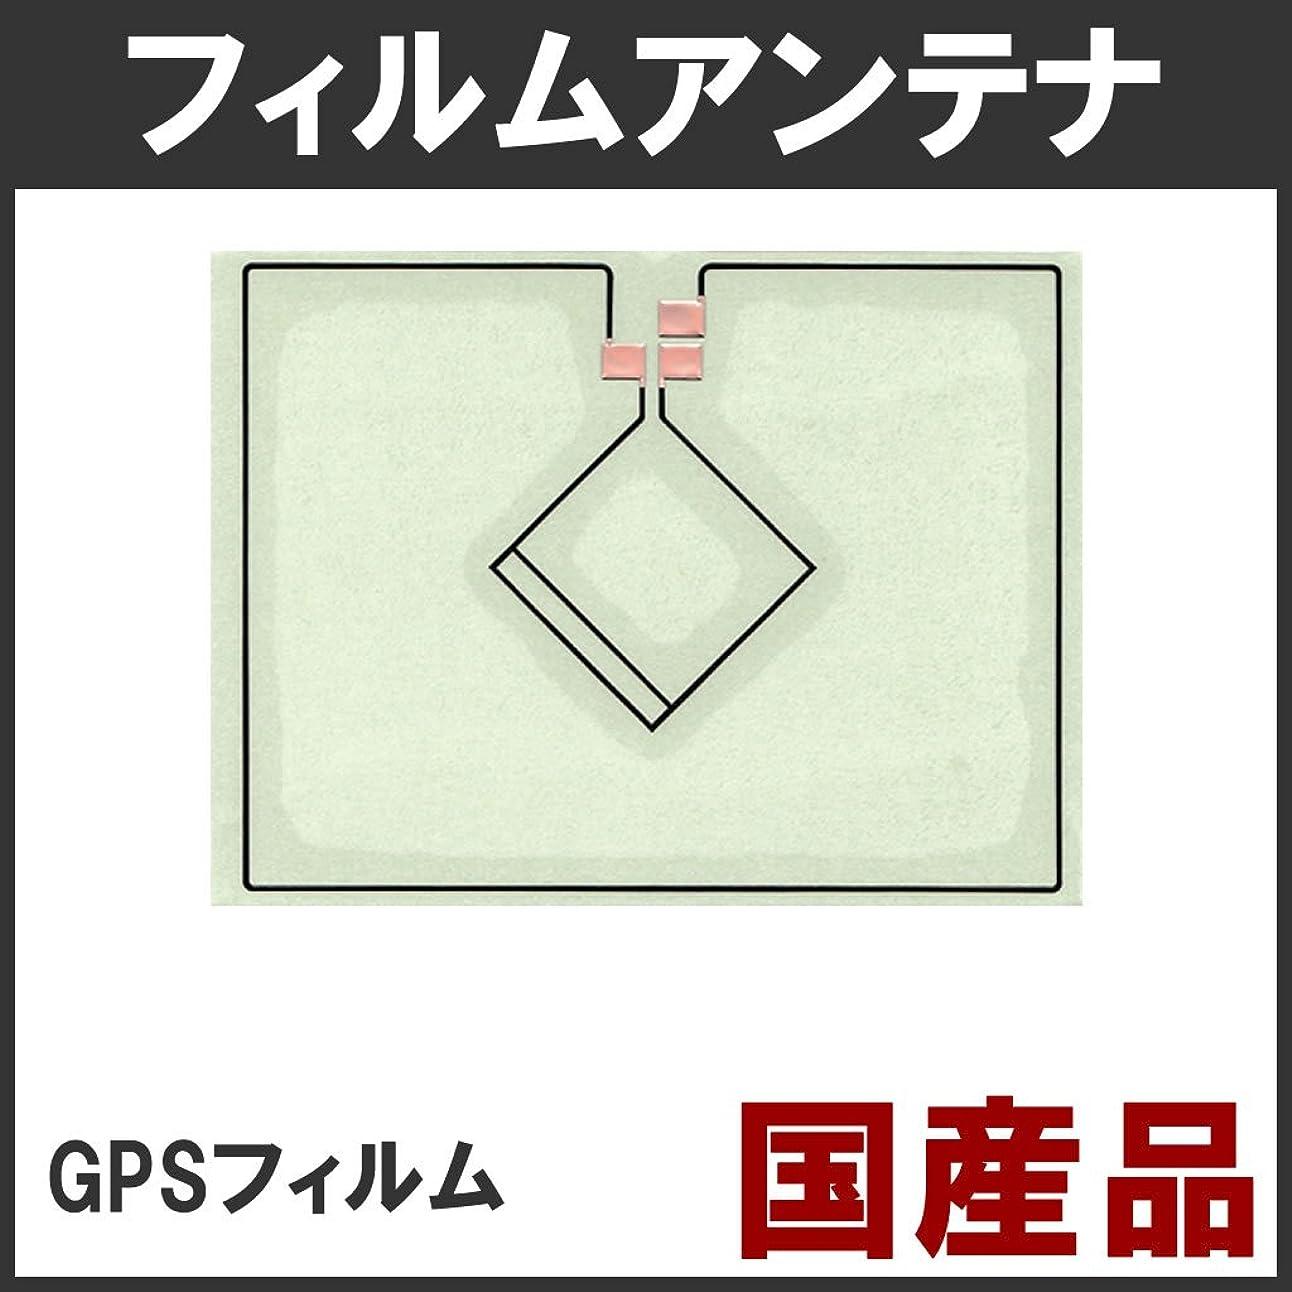 価値なんでも本物のNR-MZ03-3 対応 高感度フィルムアンテナ(三菱電機) [ GPS 1枚 ]